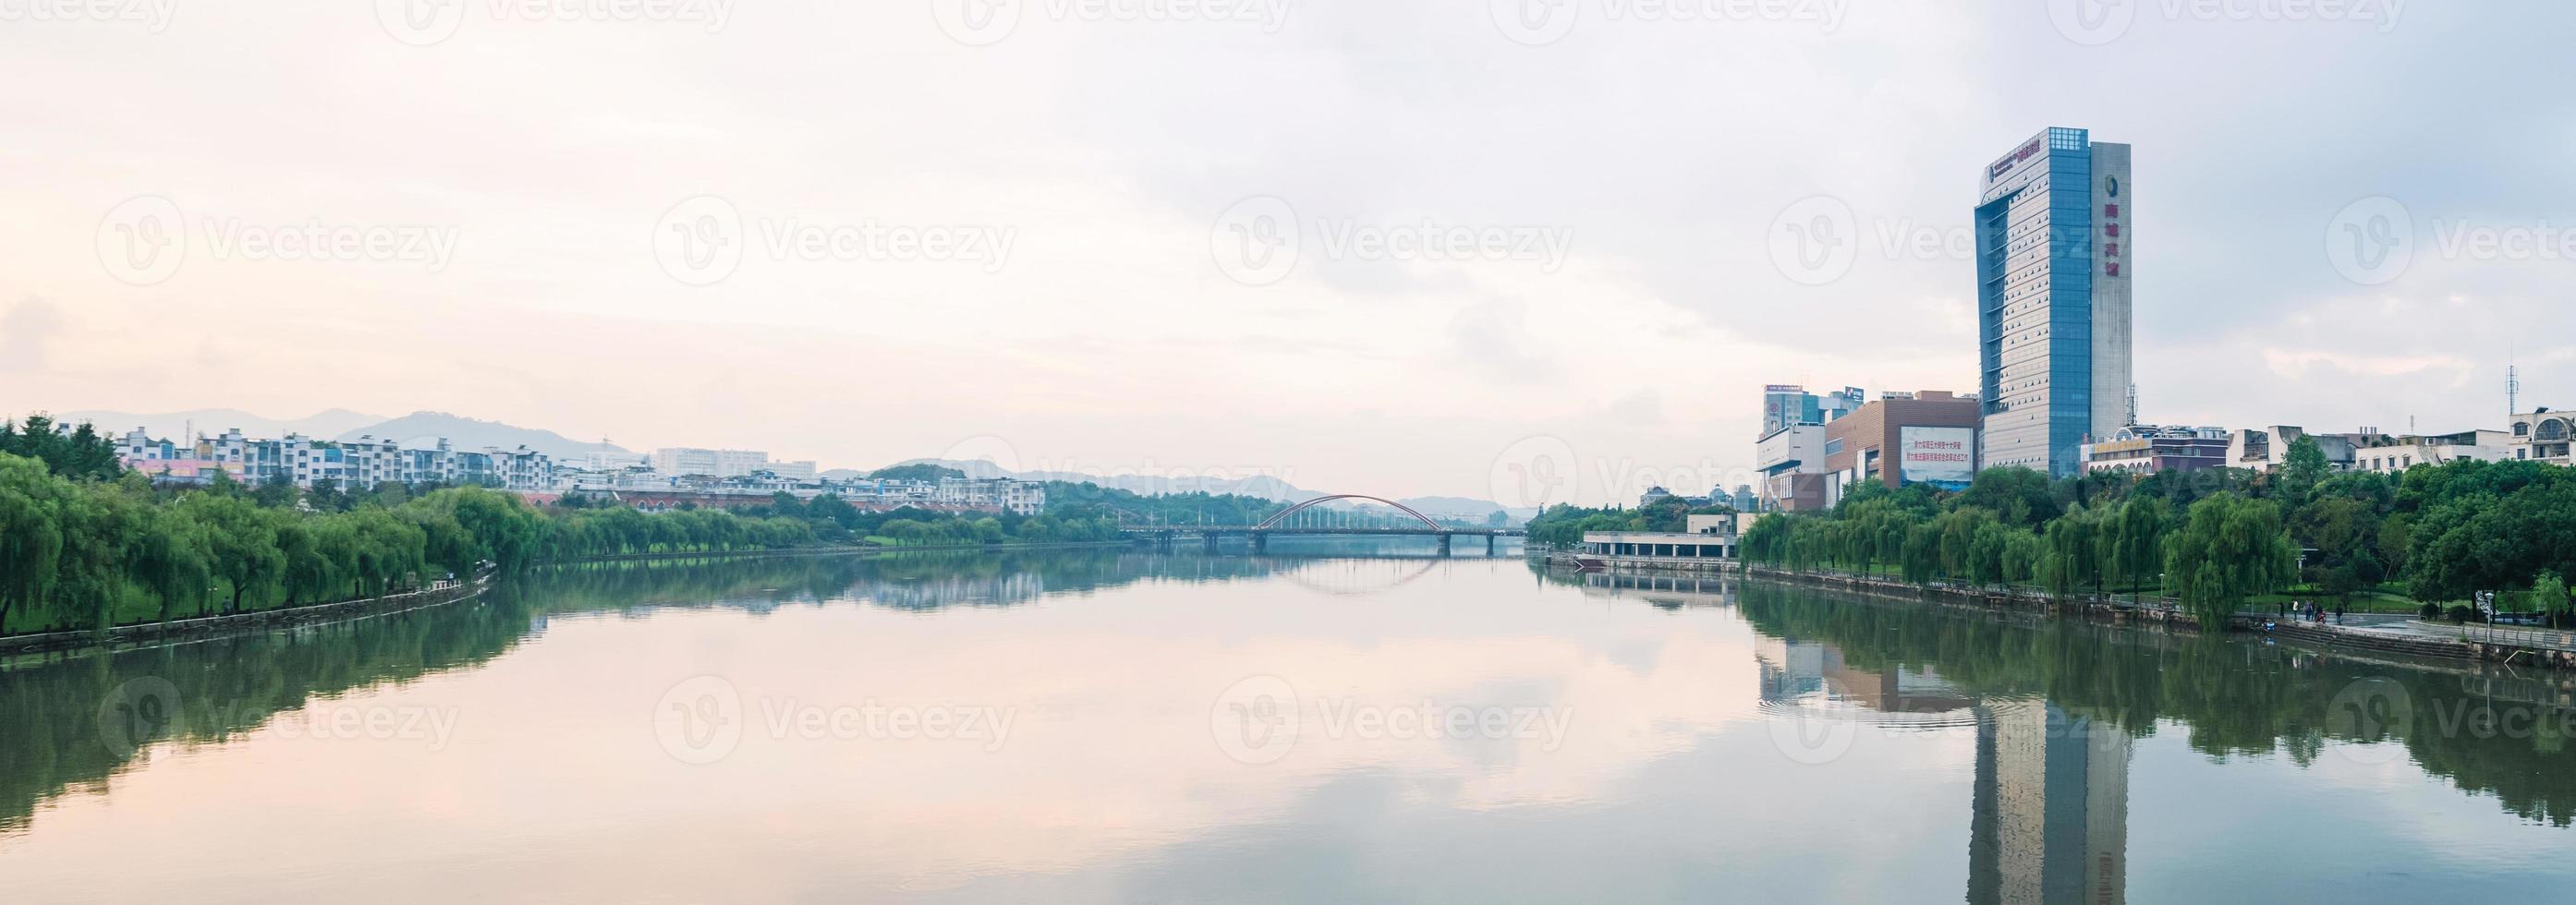 le panorama du paysage urbain de la ville de yiwu, chine photo